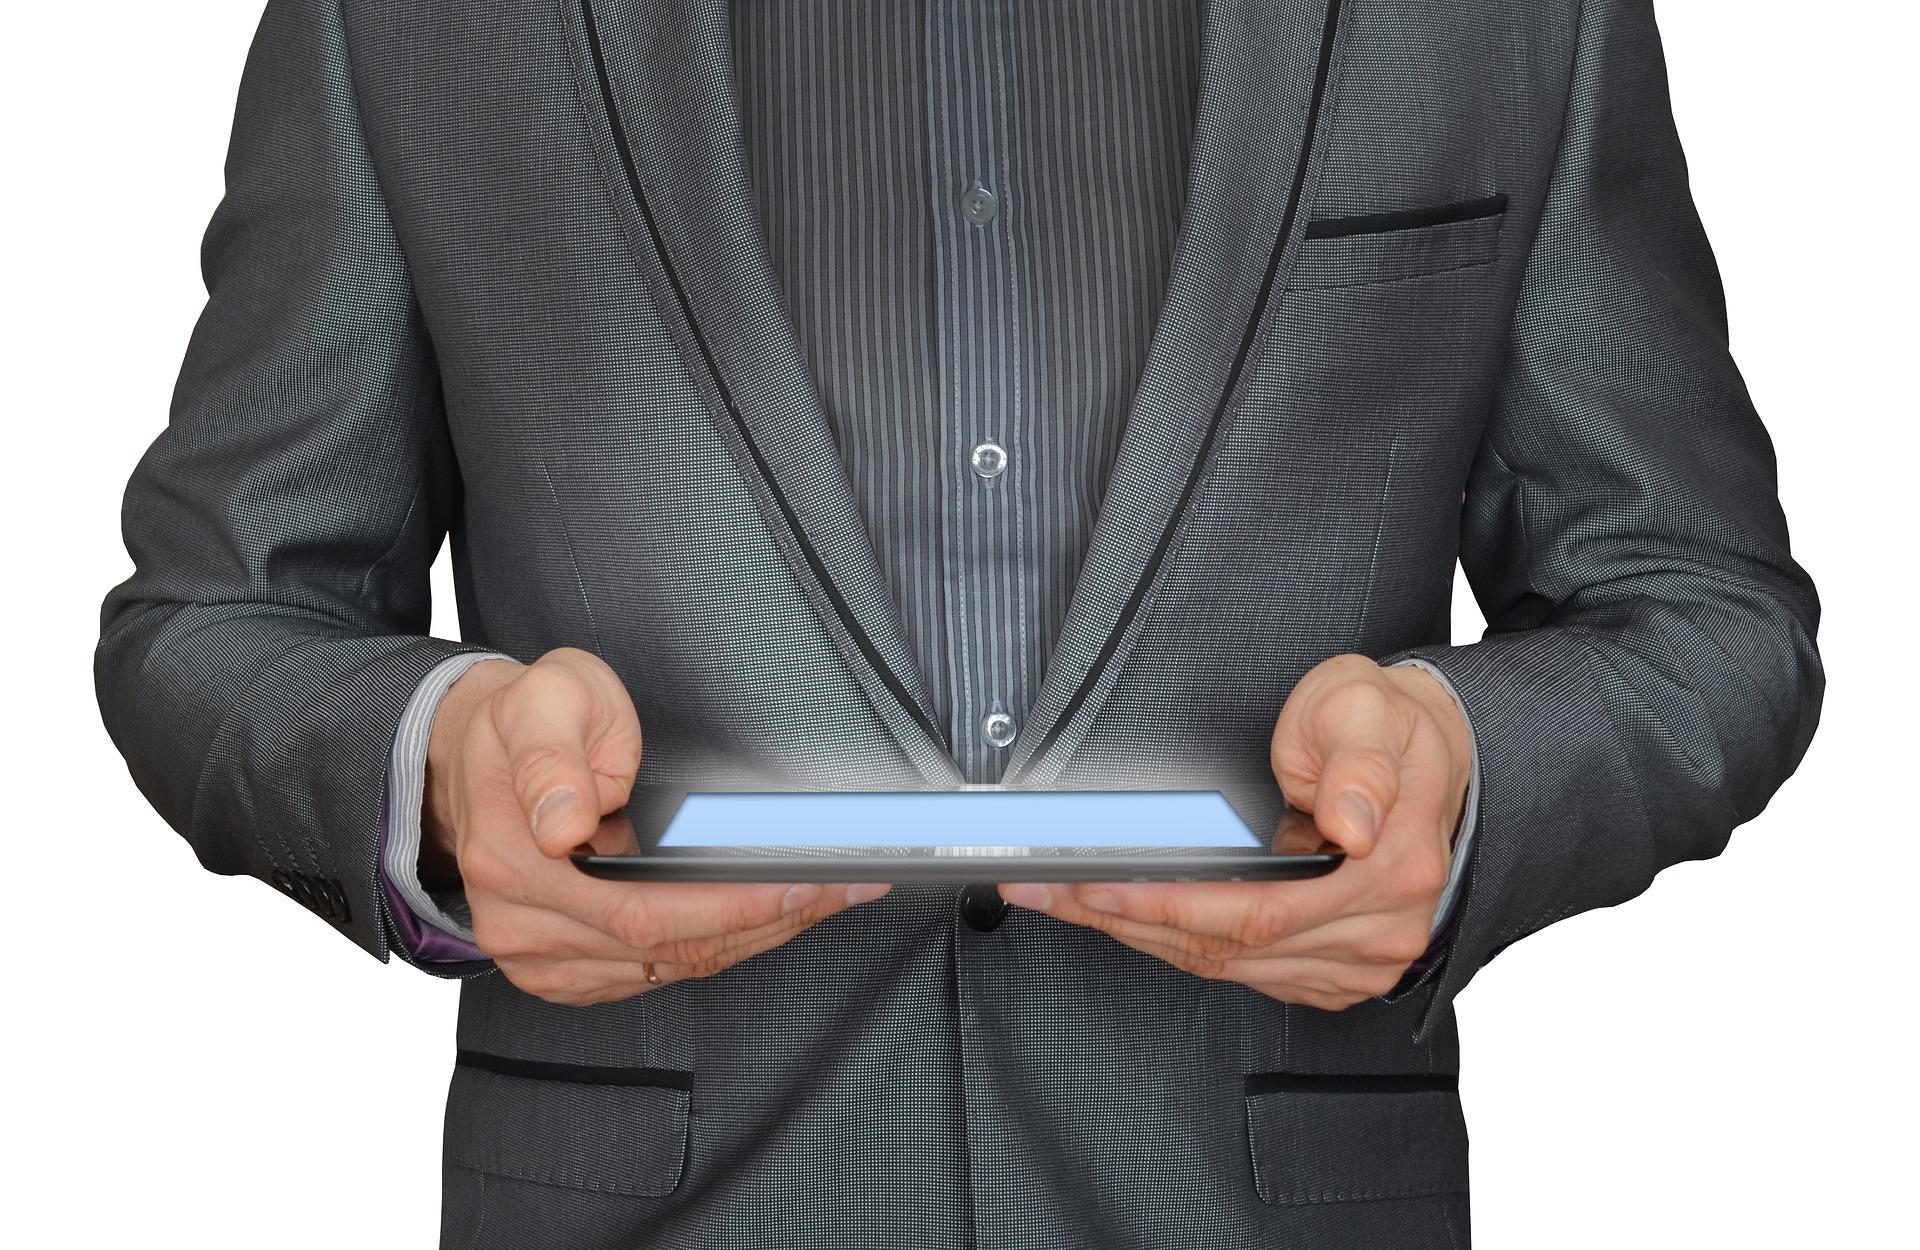 שירותים דיגיטליים לעסקים: אילו שירותים יכולים לסייע לעסק שלך?